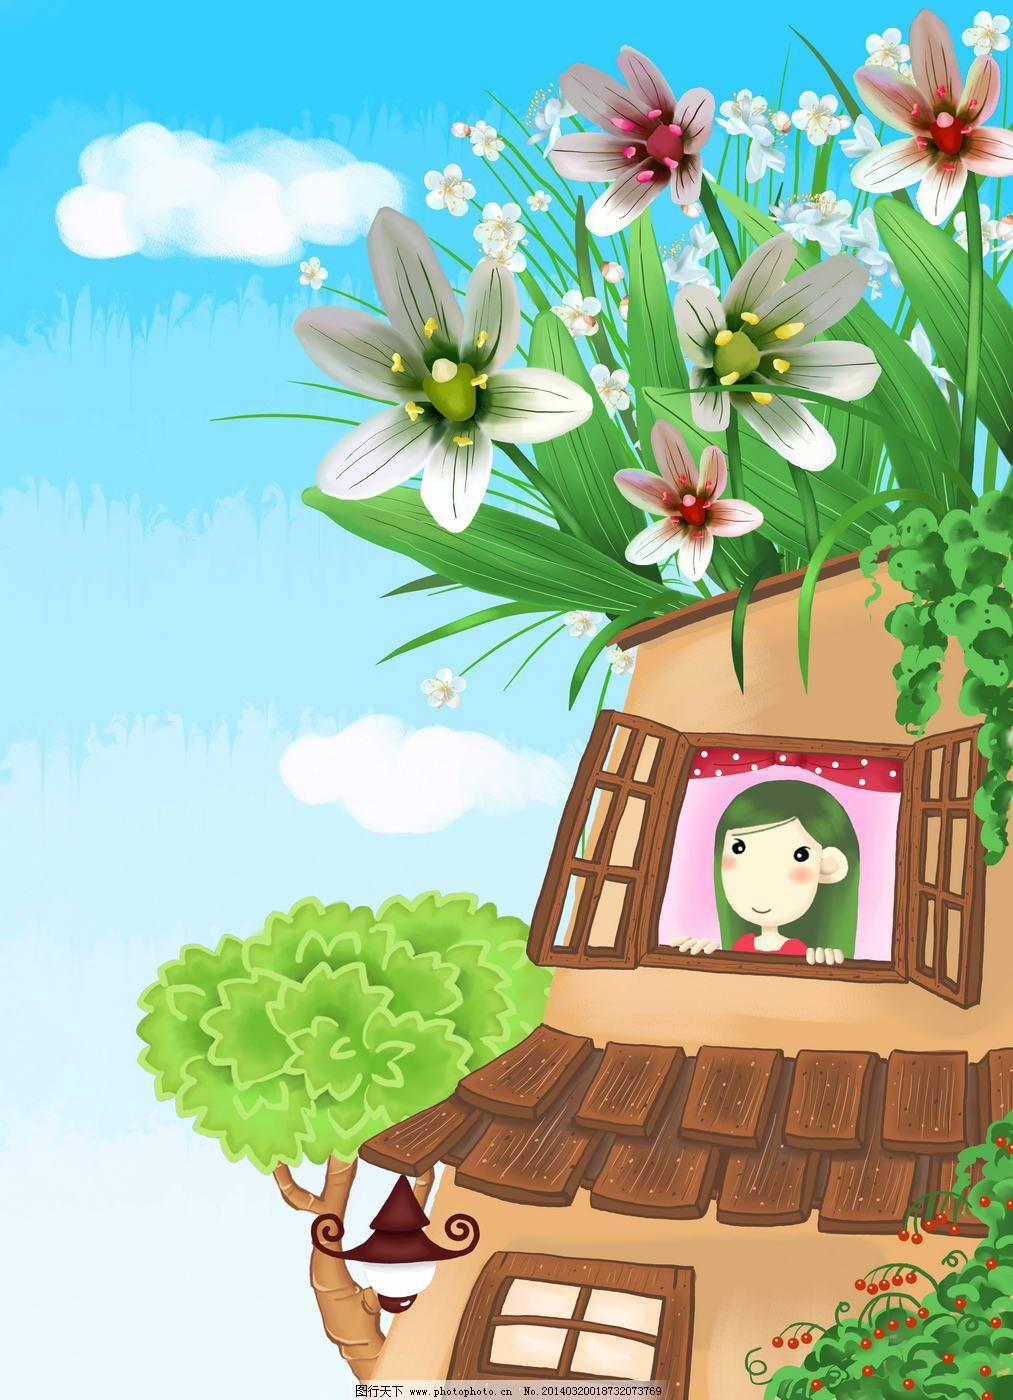 房屋 窗户 房屋 树屋 环保 绿色景观 图片素材 卡通|动漫|可爱图片